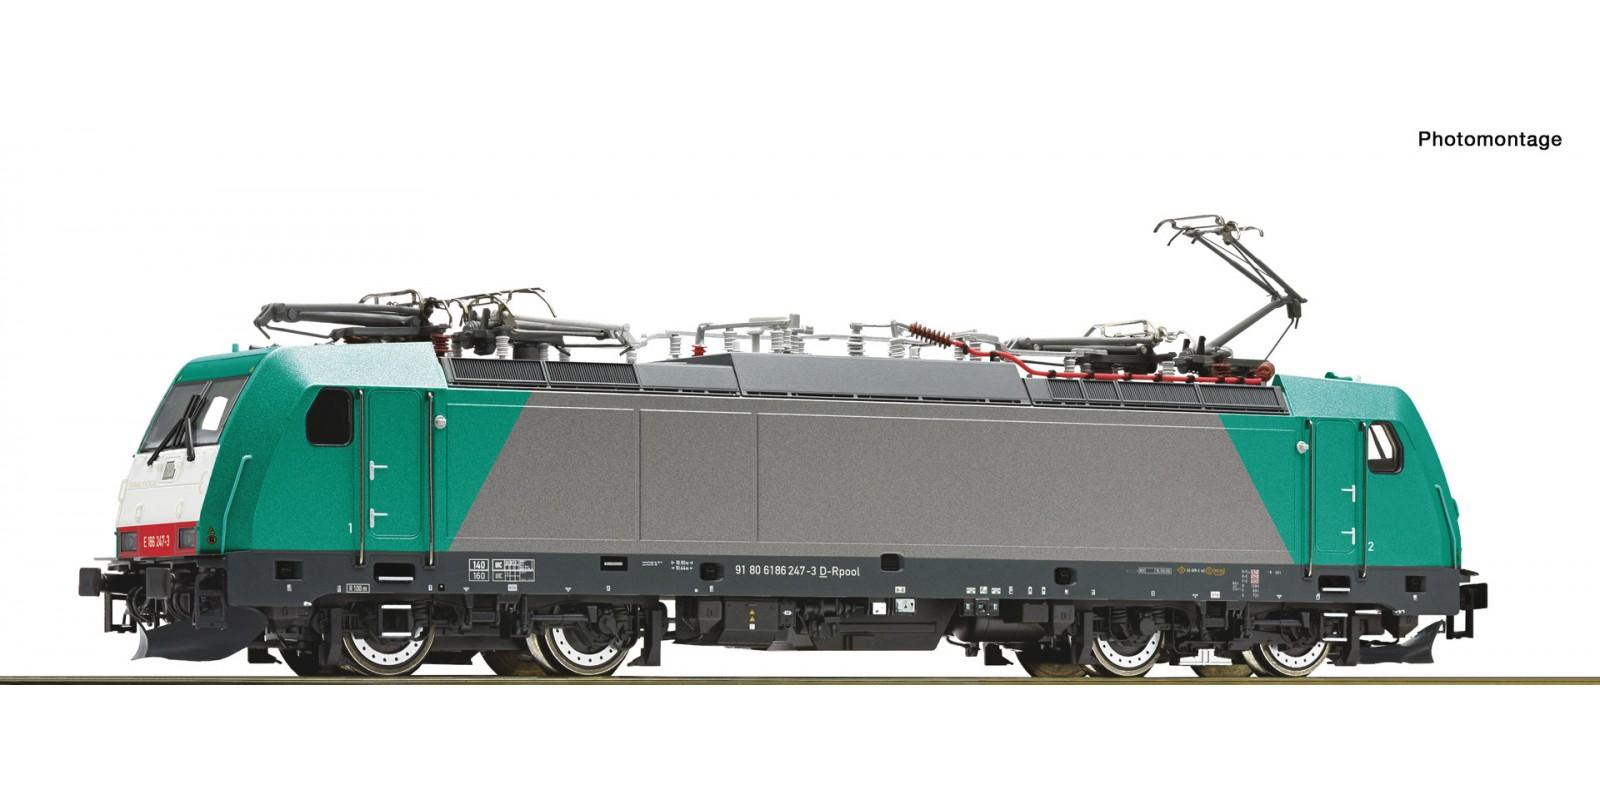 RO73226 Electric locomotive 186 247-3